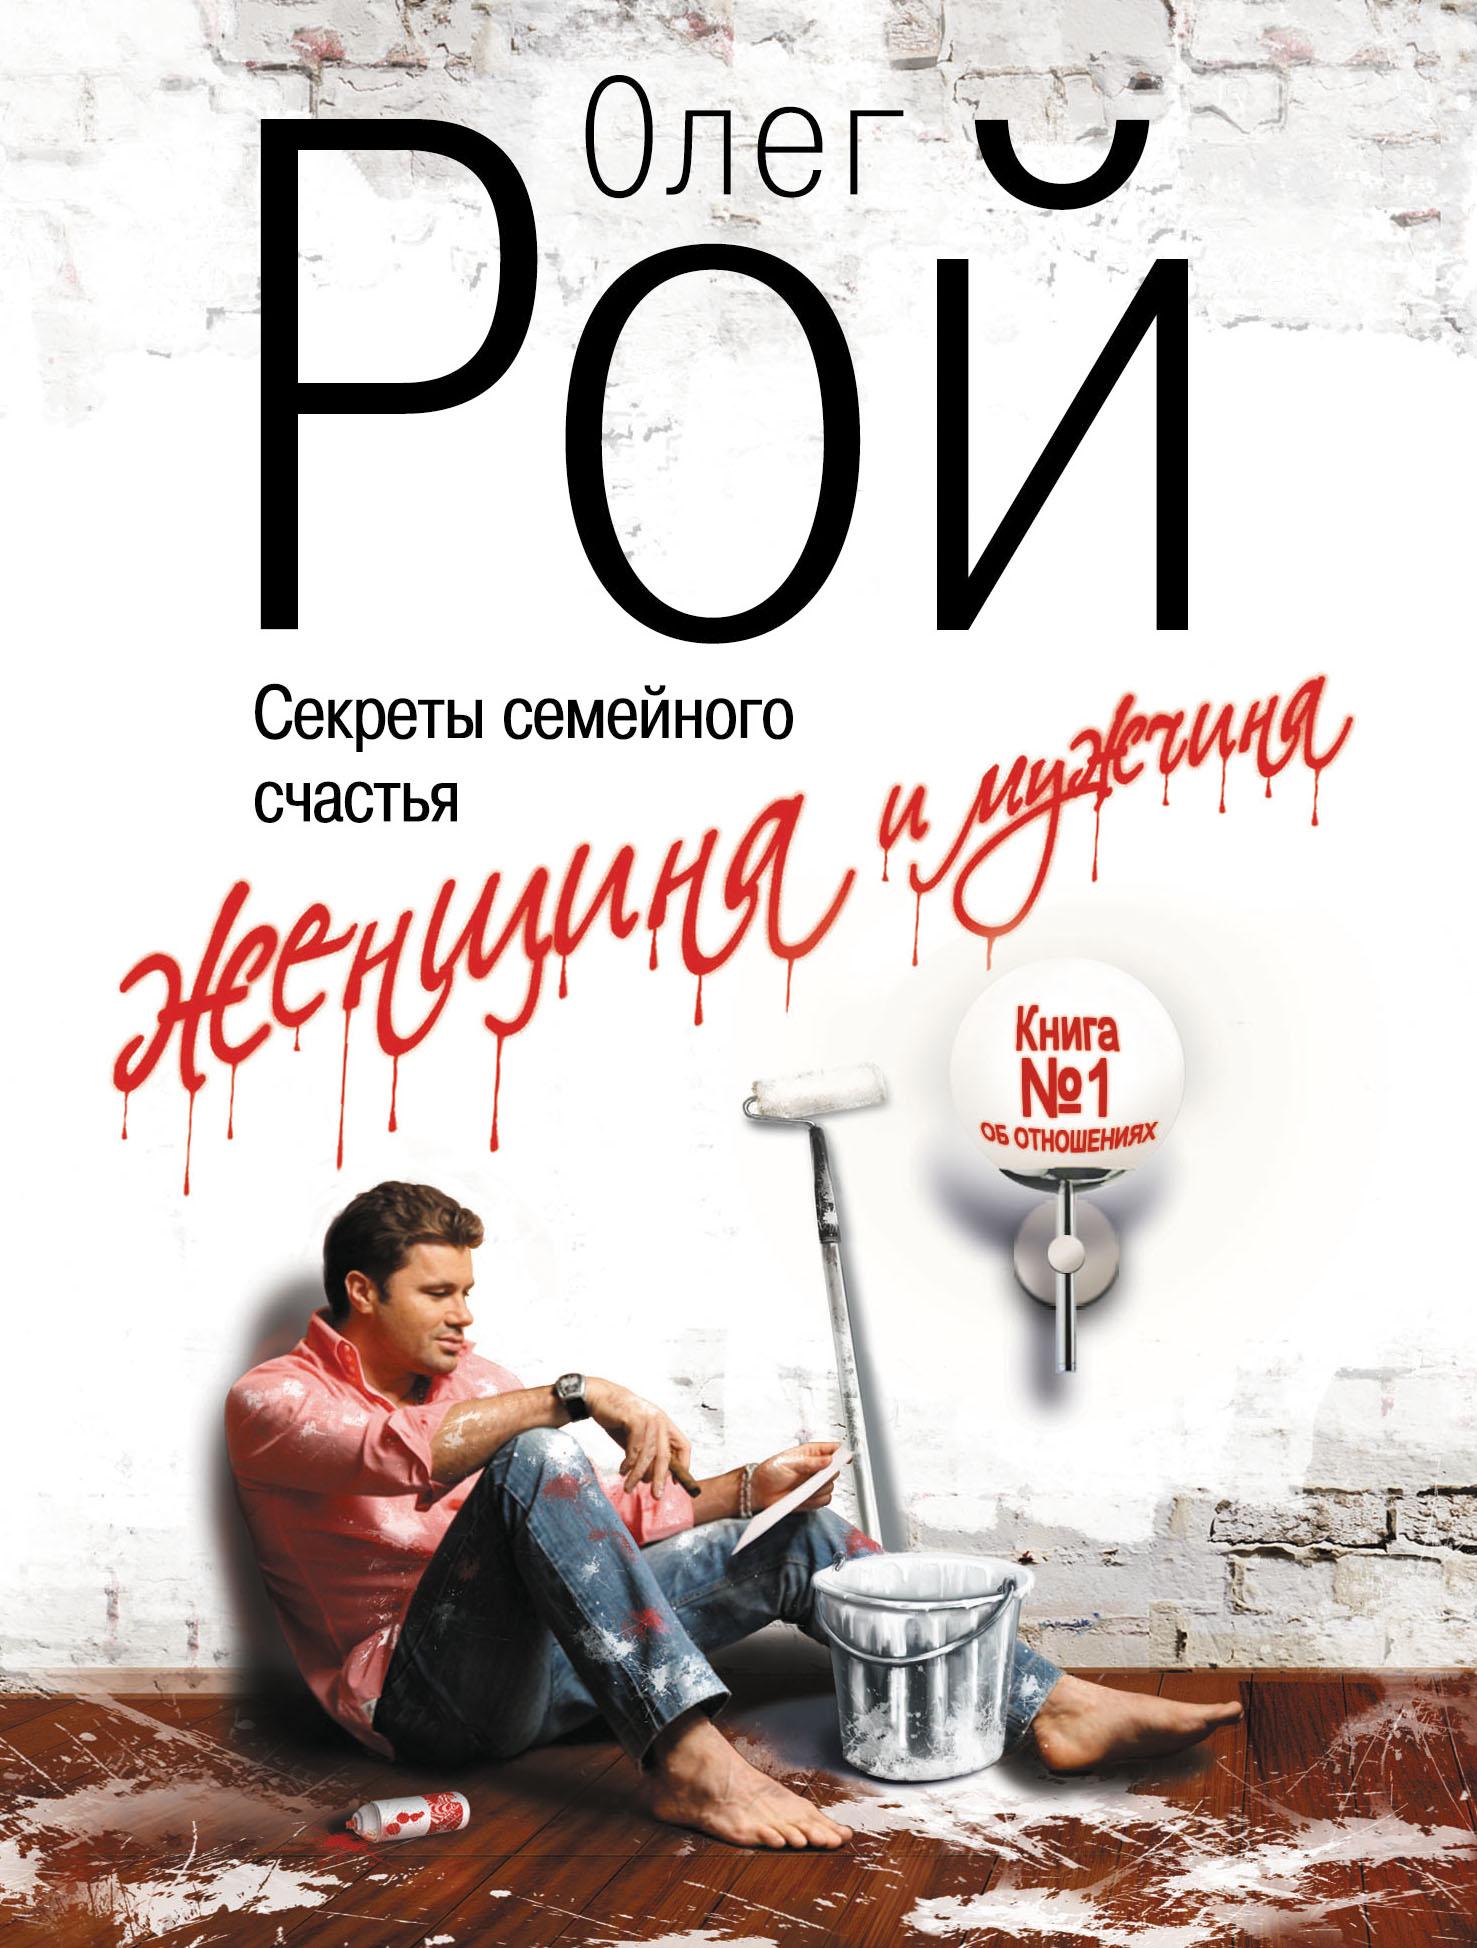 Олег Рой Женщина и мужчина